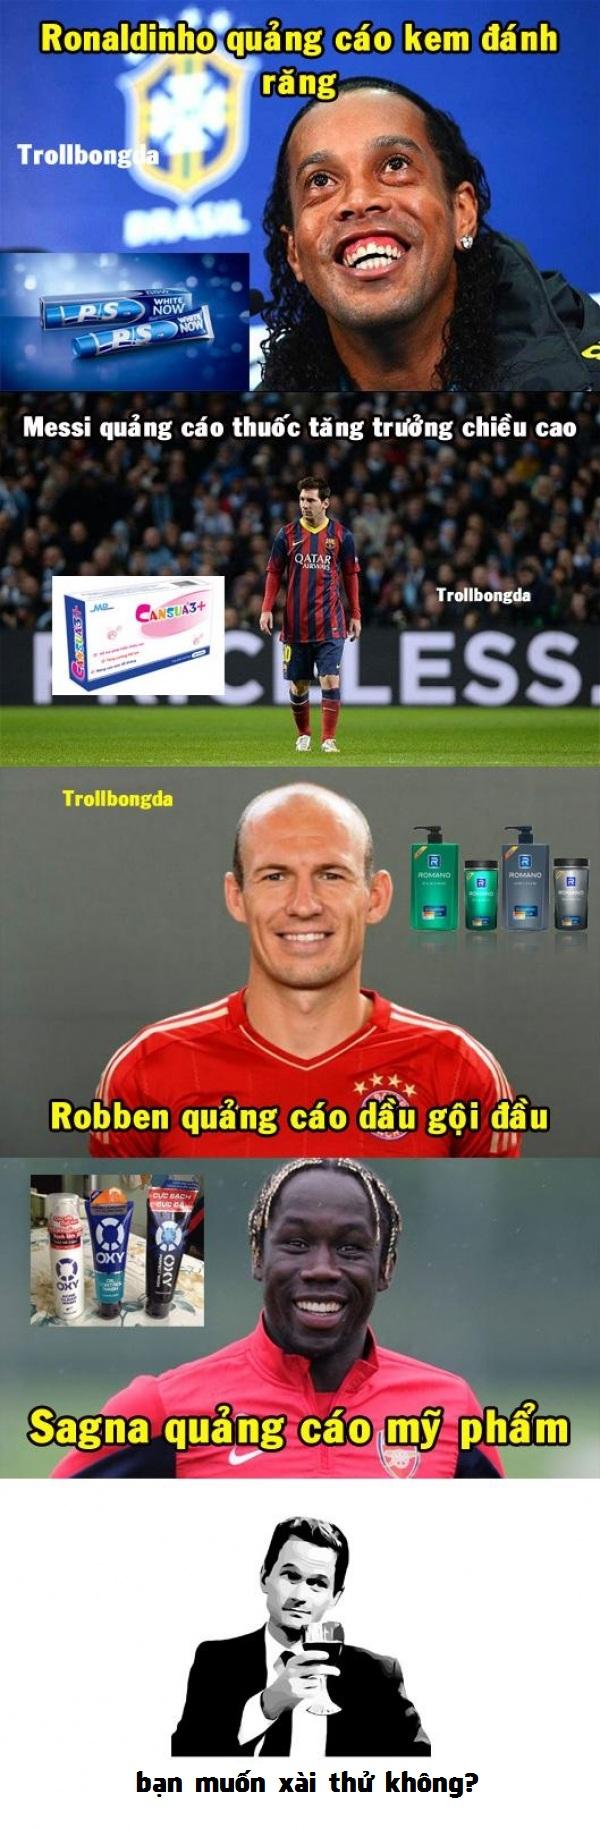 Bạn muốn xài kem đánh răng Ronaldinho hay thuốc mọc tóc Robben.